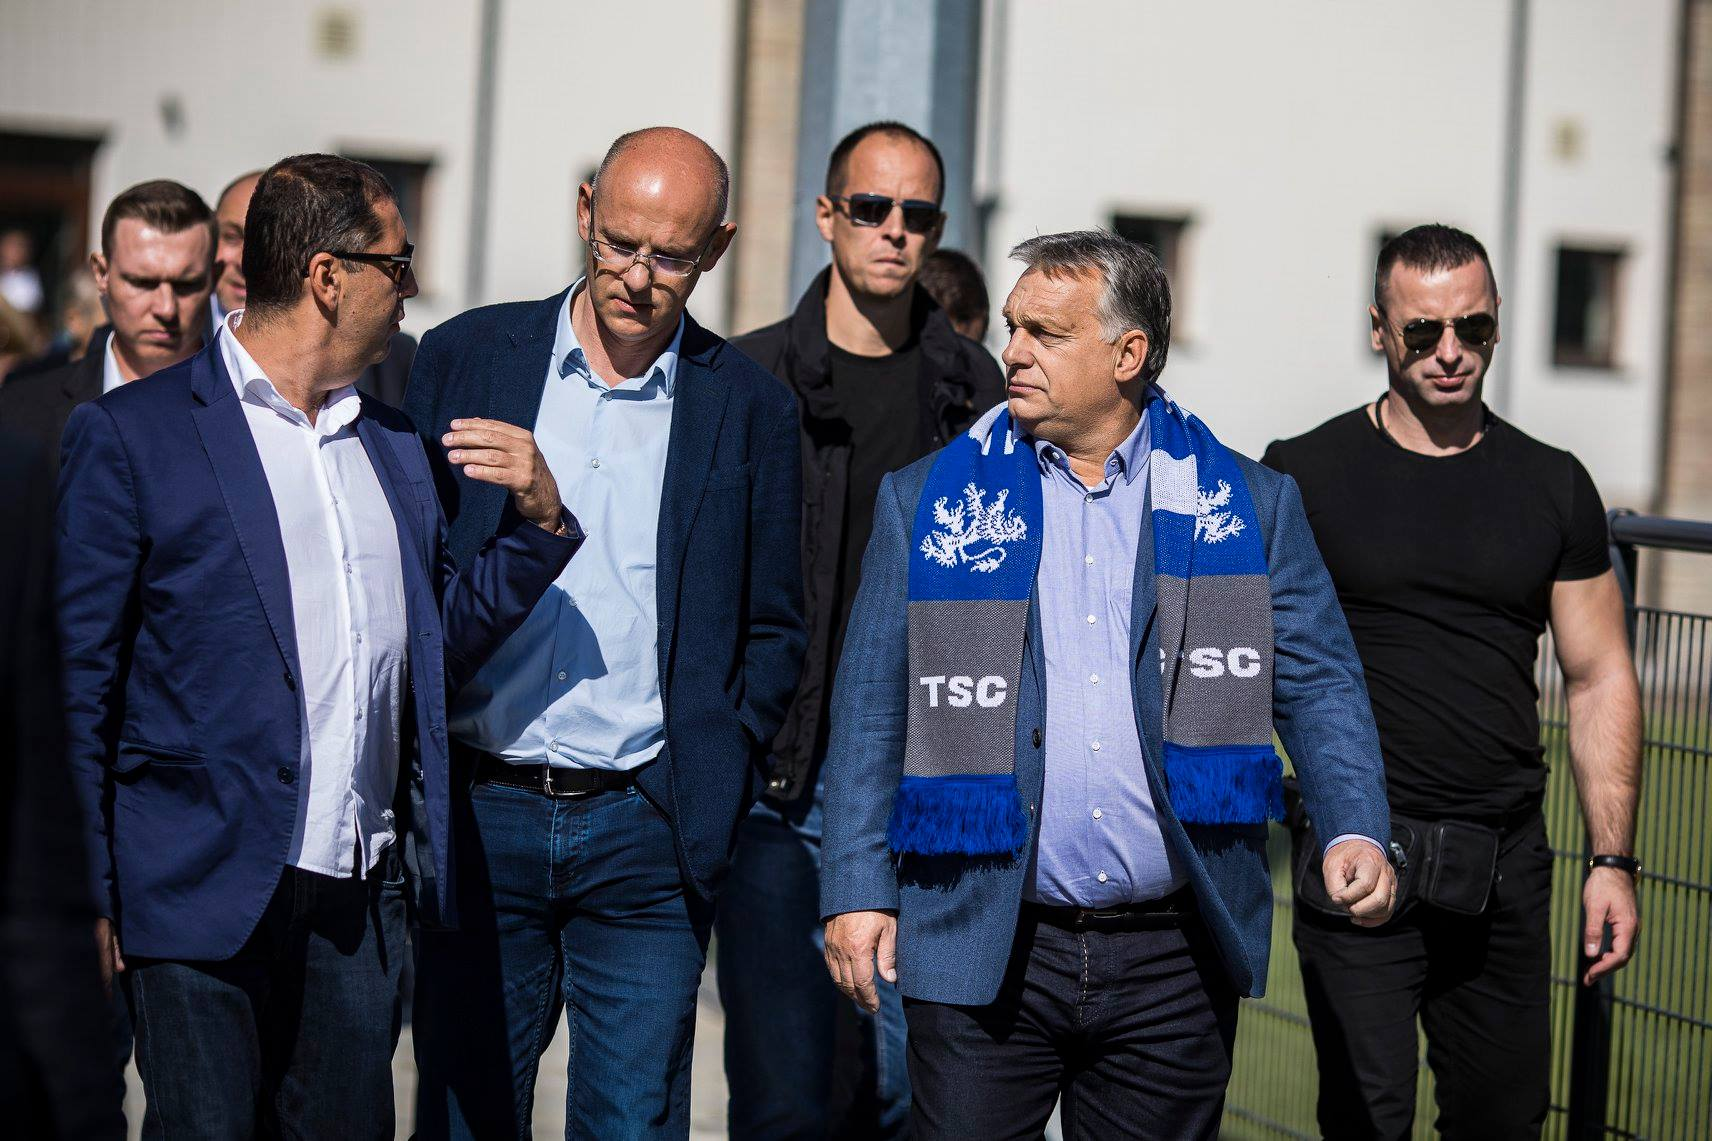 Egy játékos anyanyelve magyar a nemzetpolitikai okokból milliárdokkal támogatott topolyai focicsapat keretéből